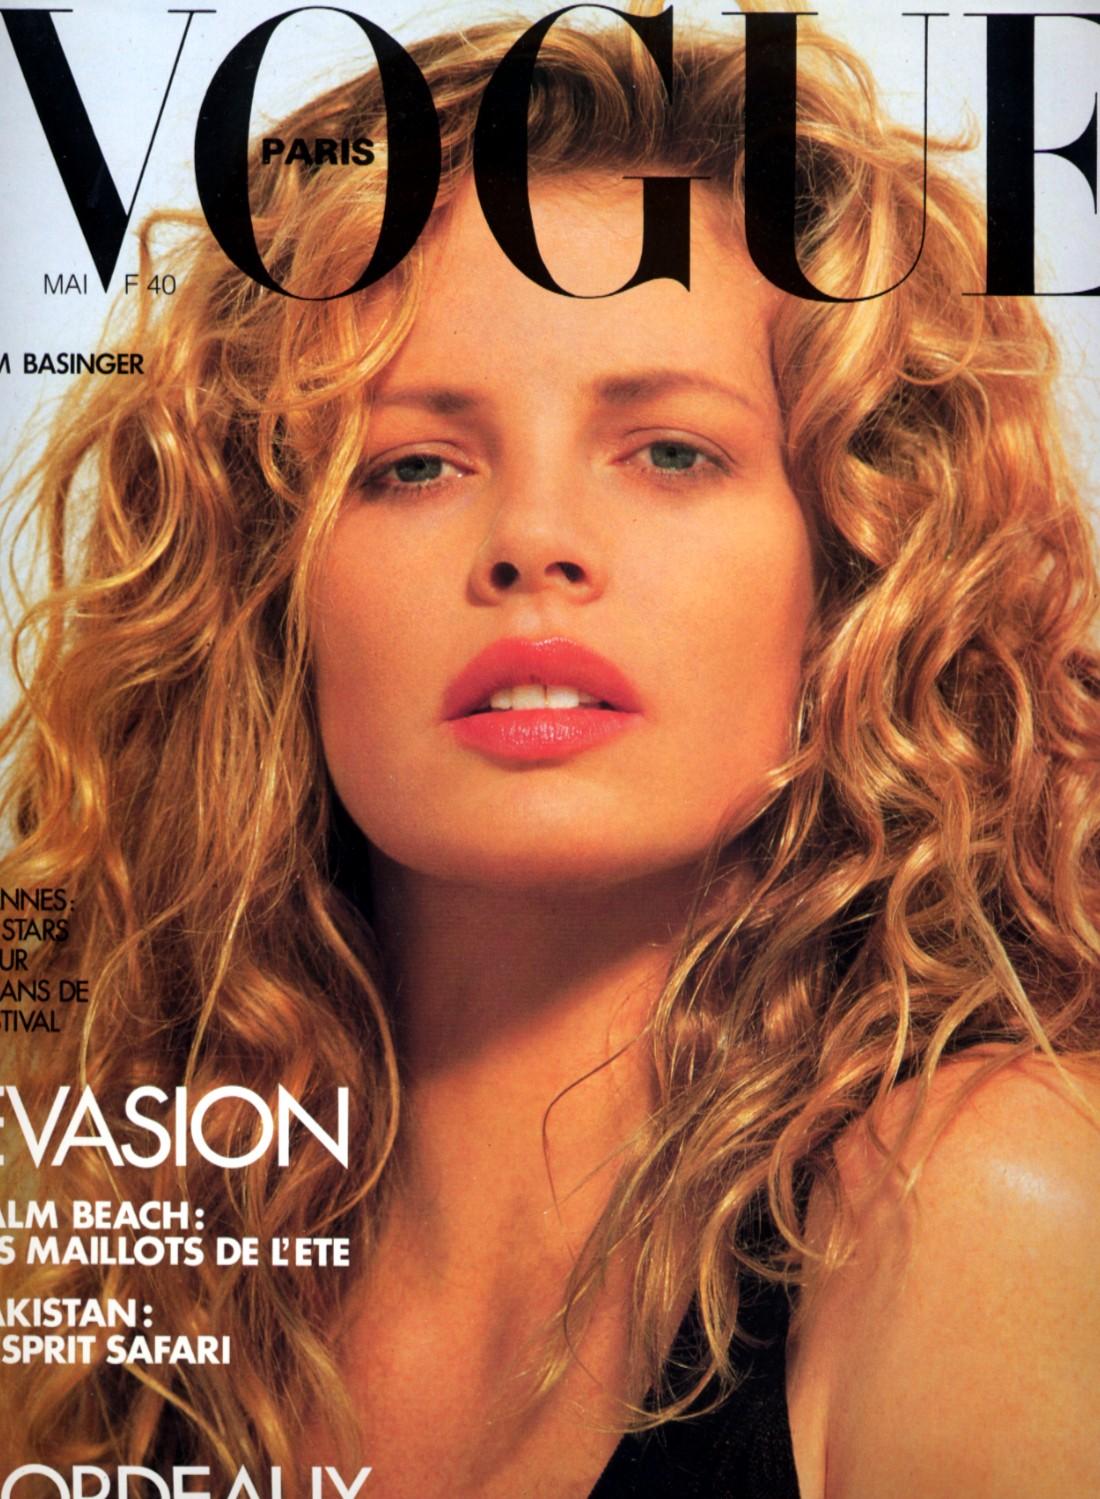 http://3.bp.blogspot.com/-xaRHz6_vAwk/T5ID8PexfWI/AAAAAAAAAs0/LCSCIYI4upw/s1600/Vogue_Paris_587.jpg